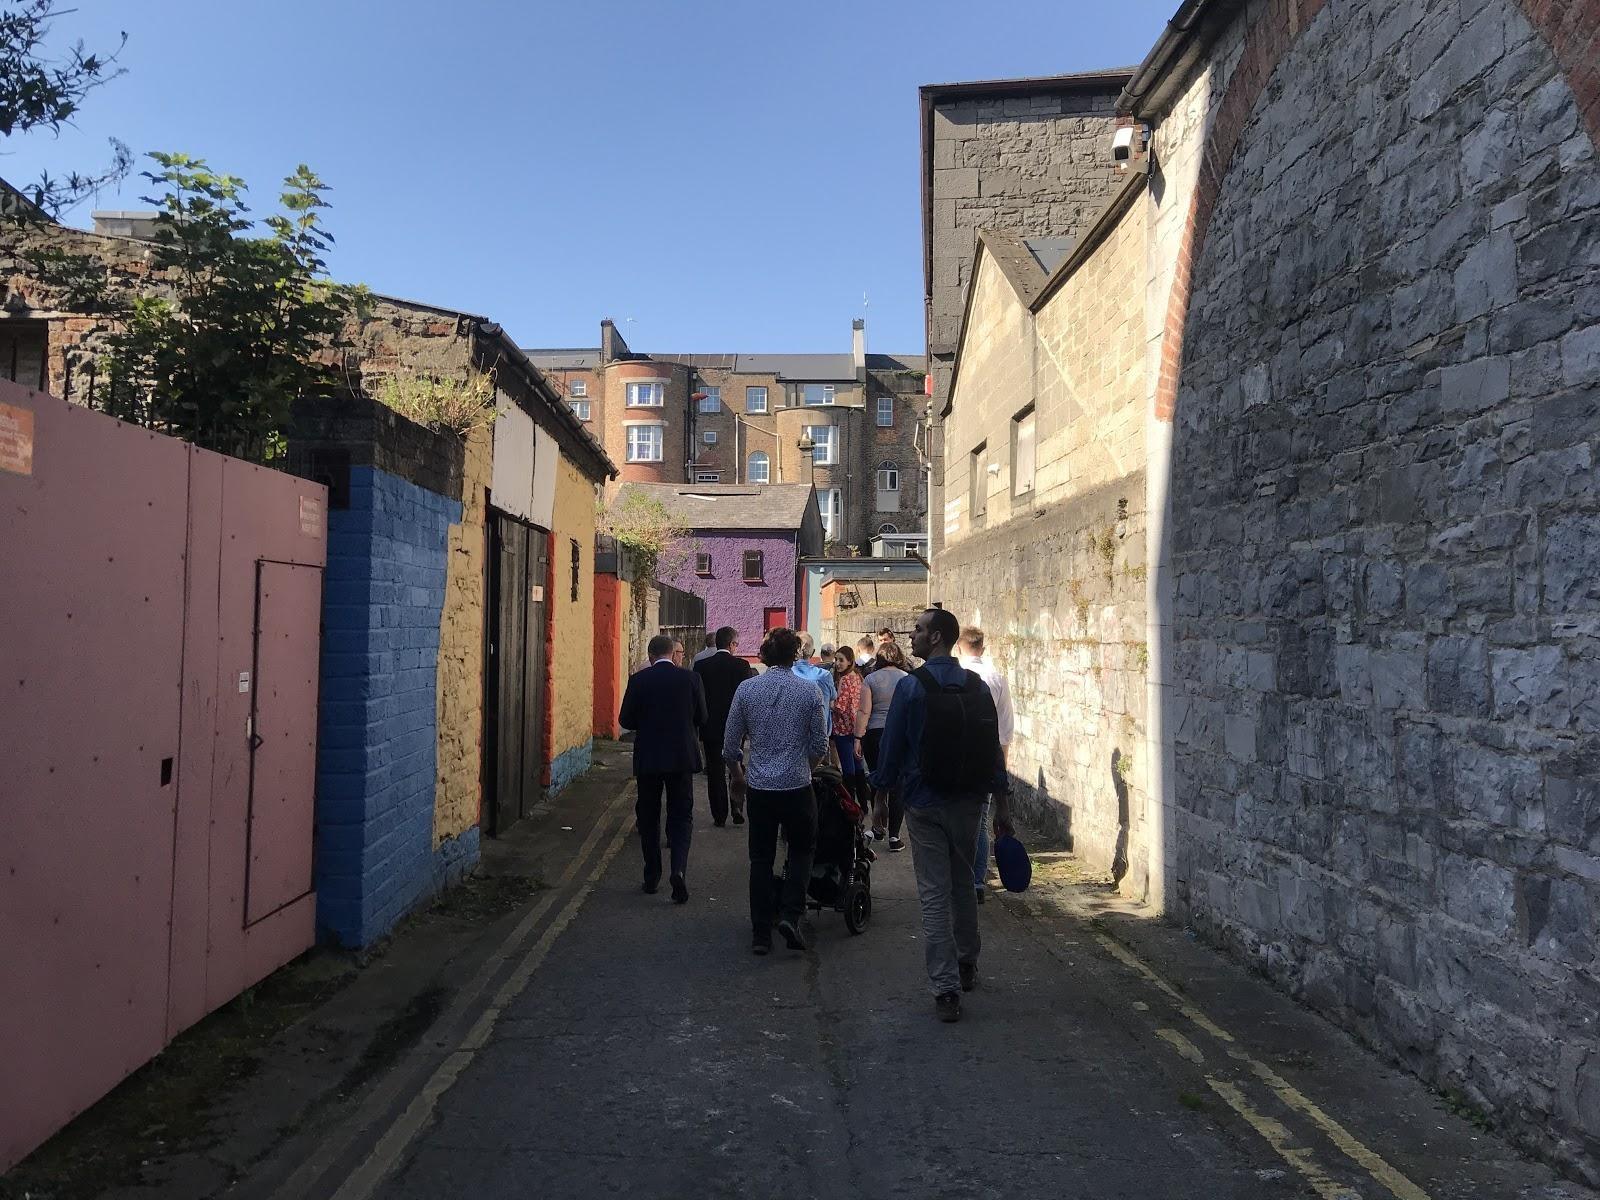 Limerick Georgian Laneways